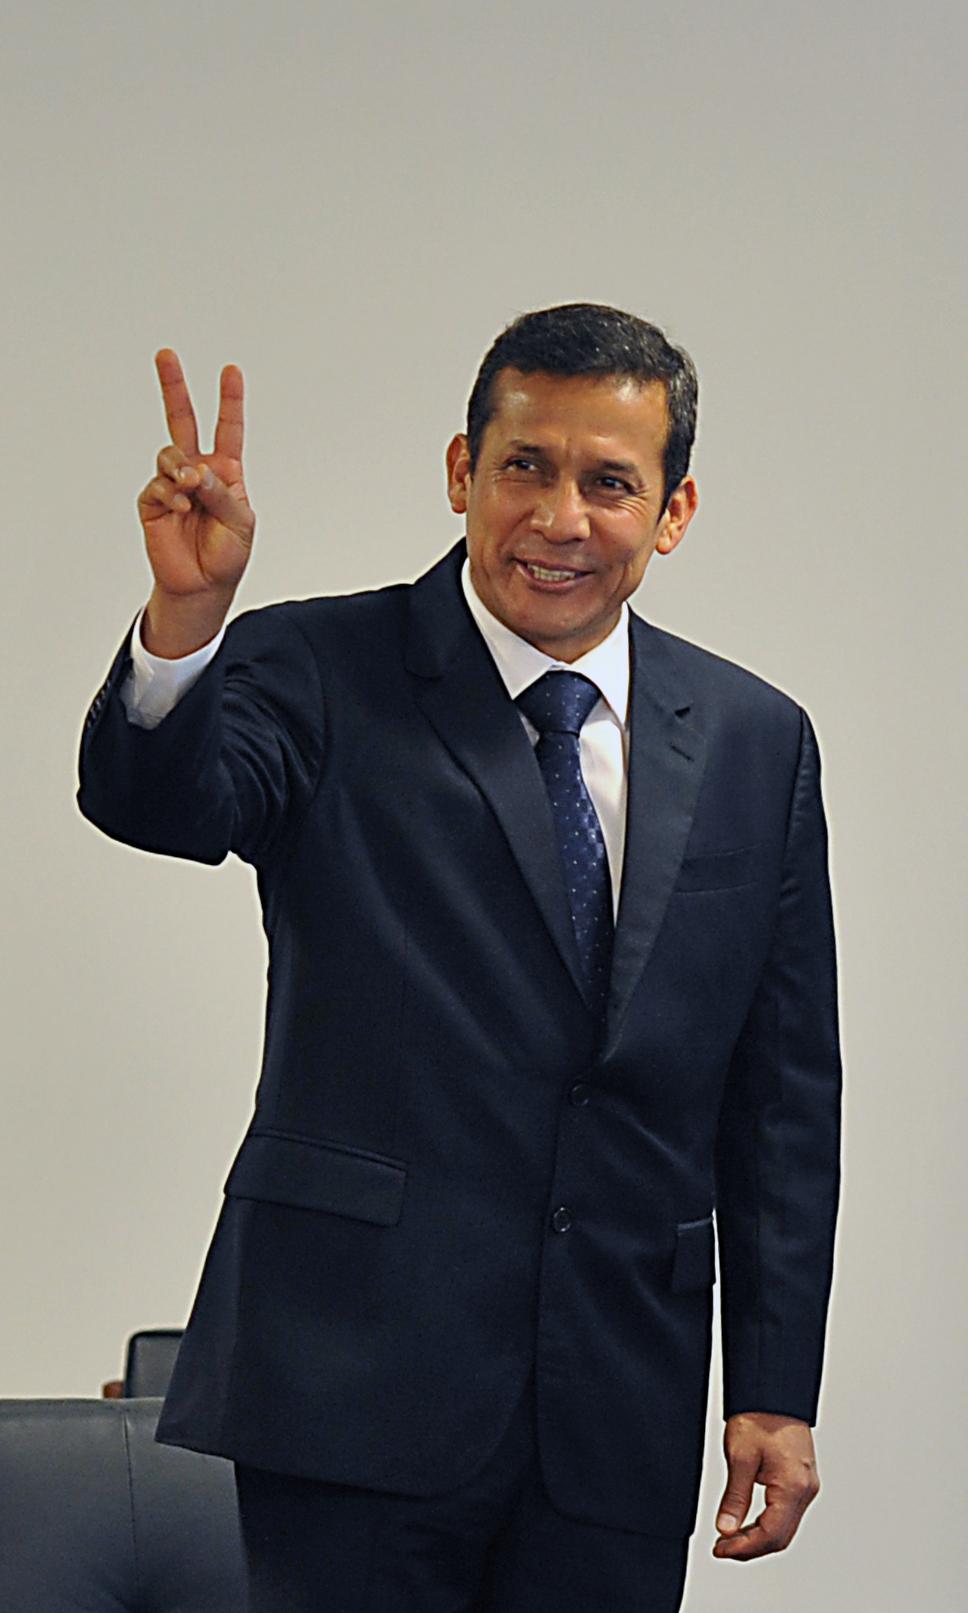 vicepresidente del peru es: